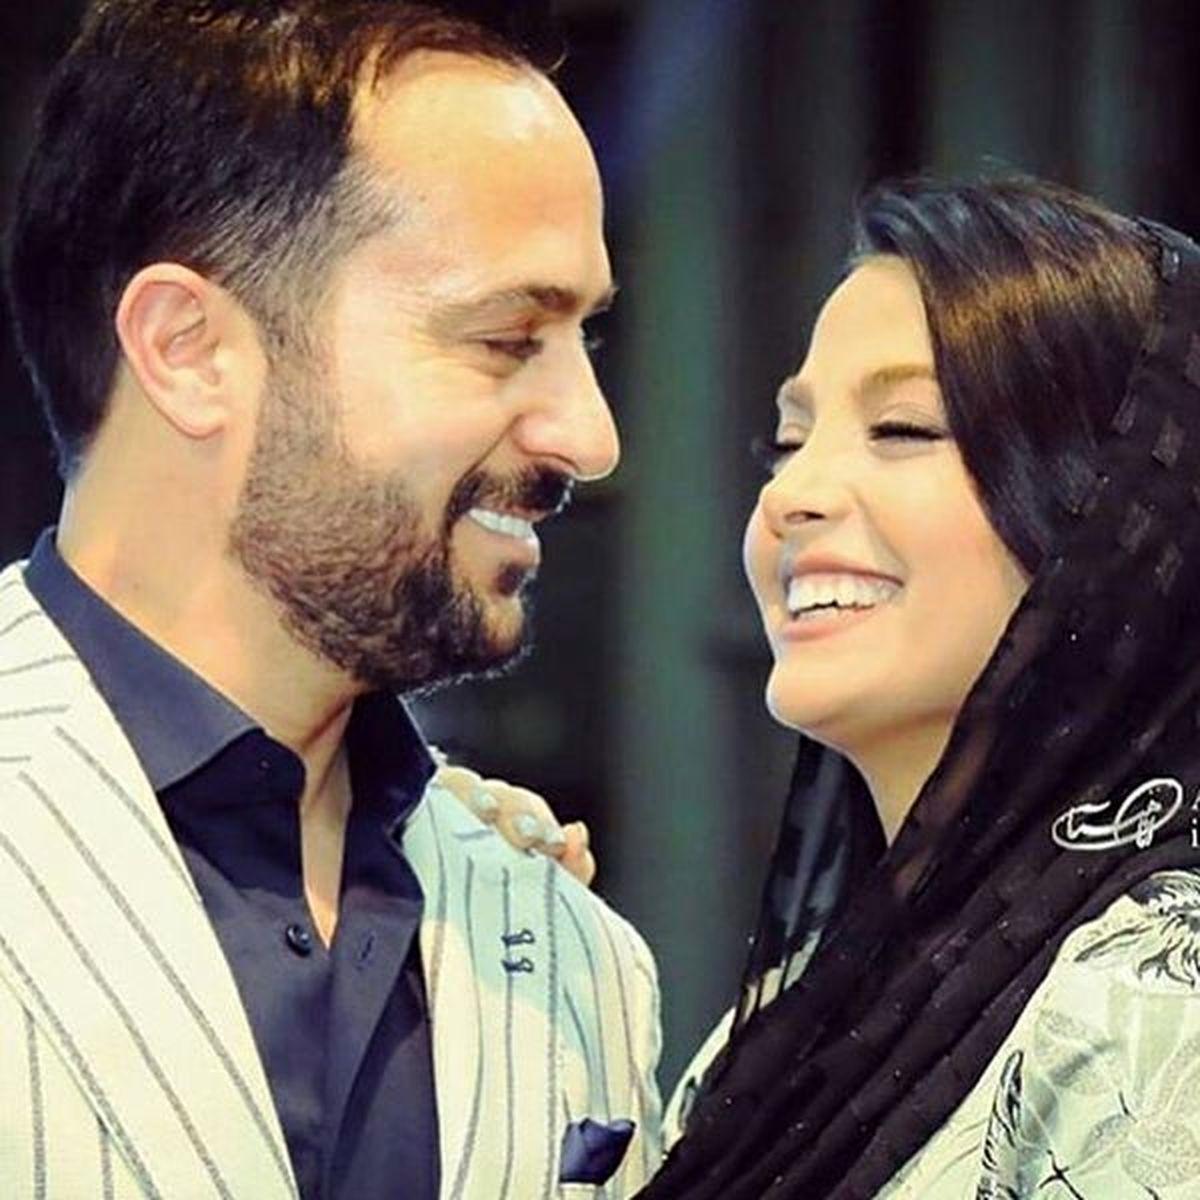 بوسه و عشوه احمد مهرانفر و همسرش + عکس